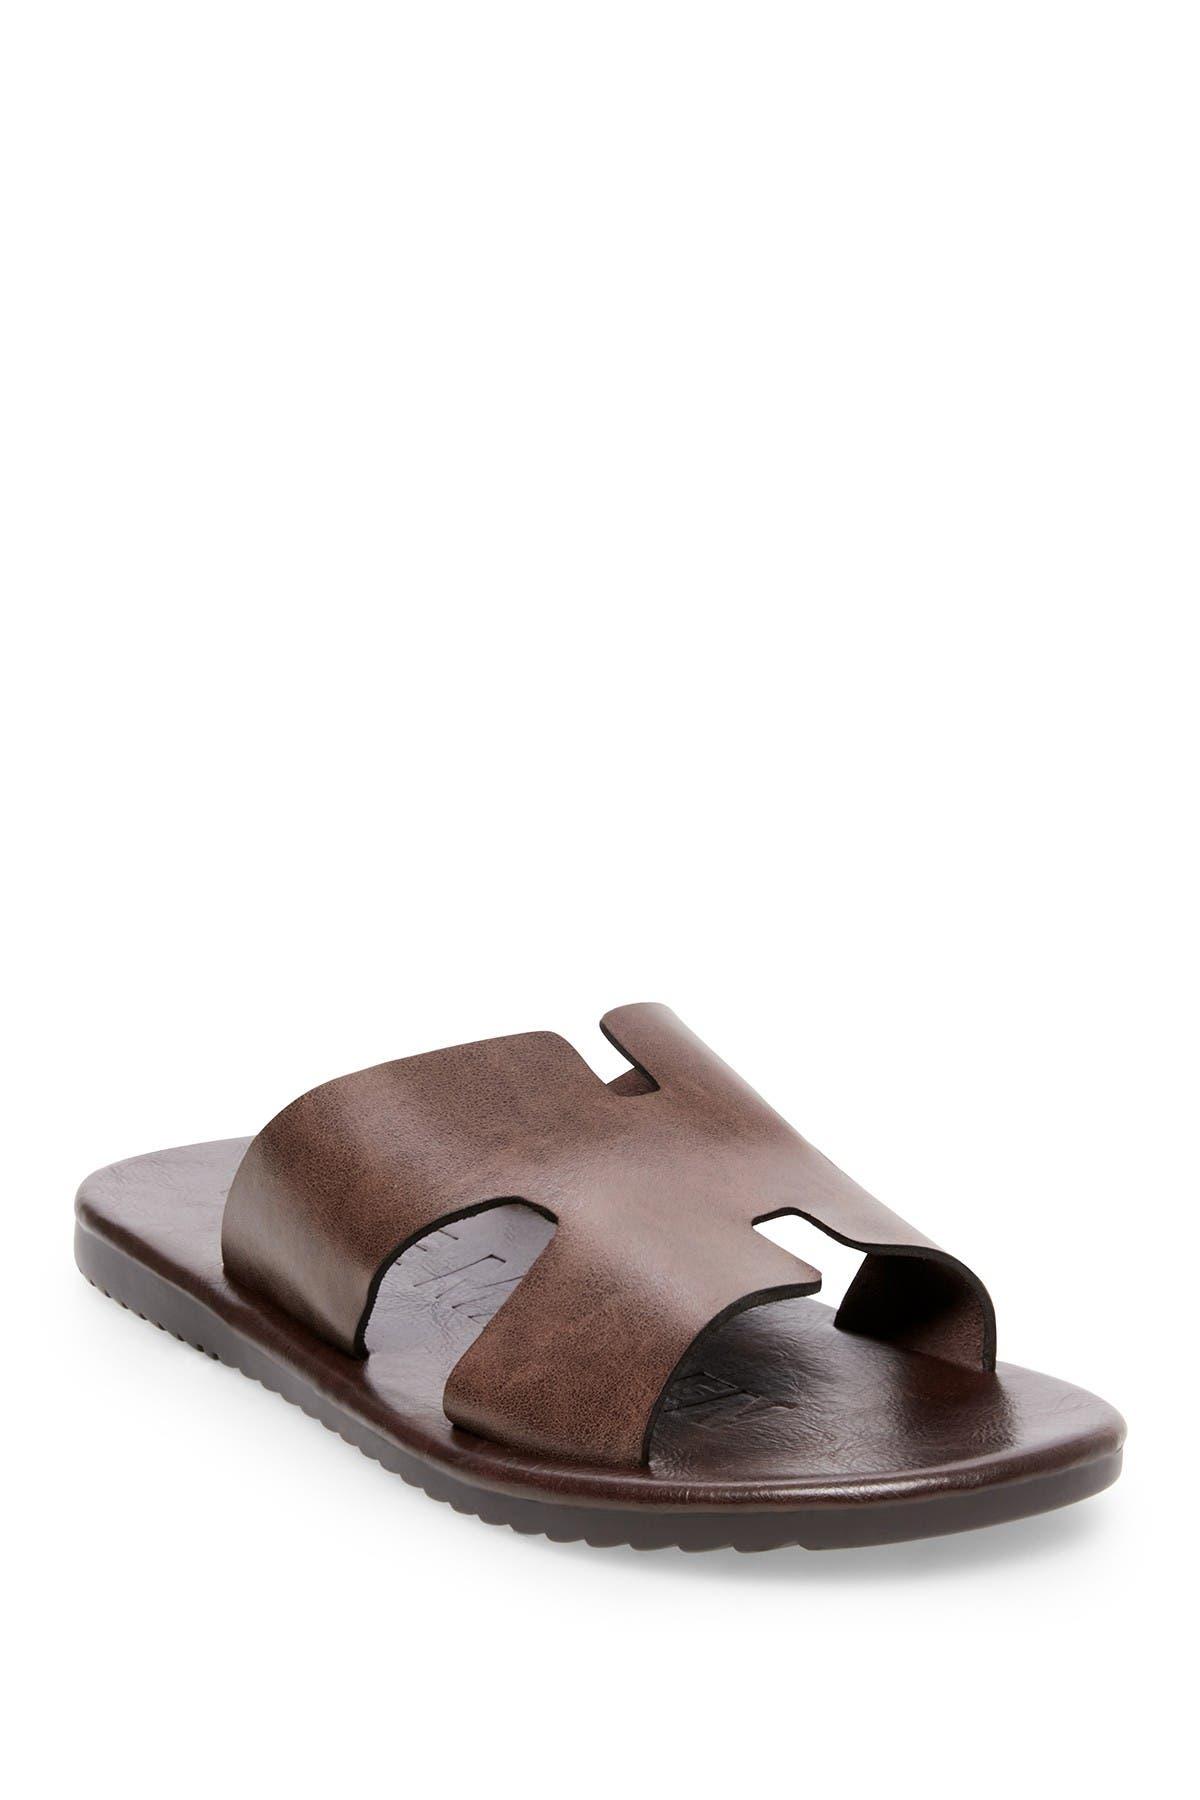 Image of Steve Madden Matter Leather Slide Sandal